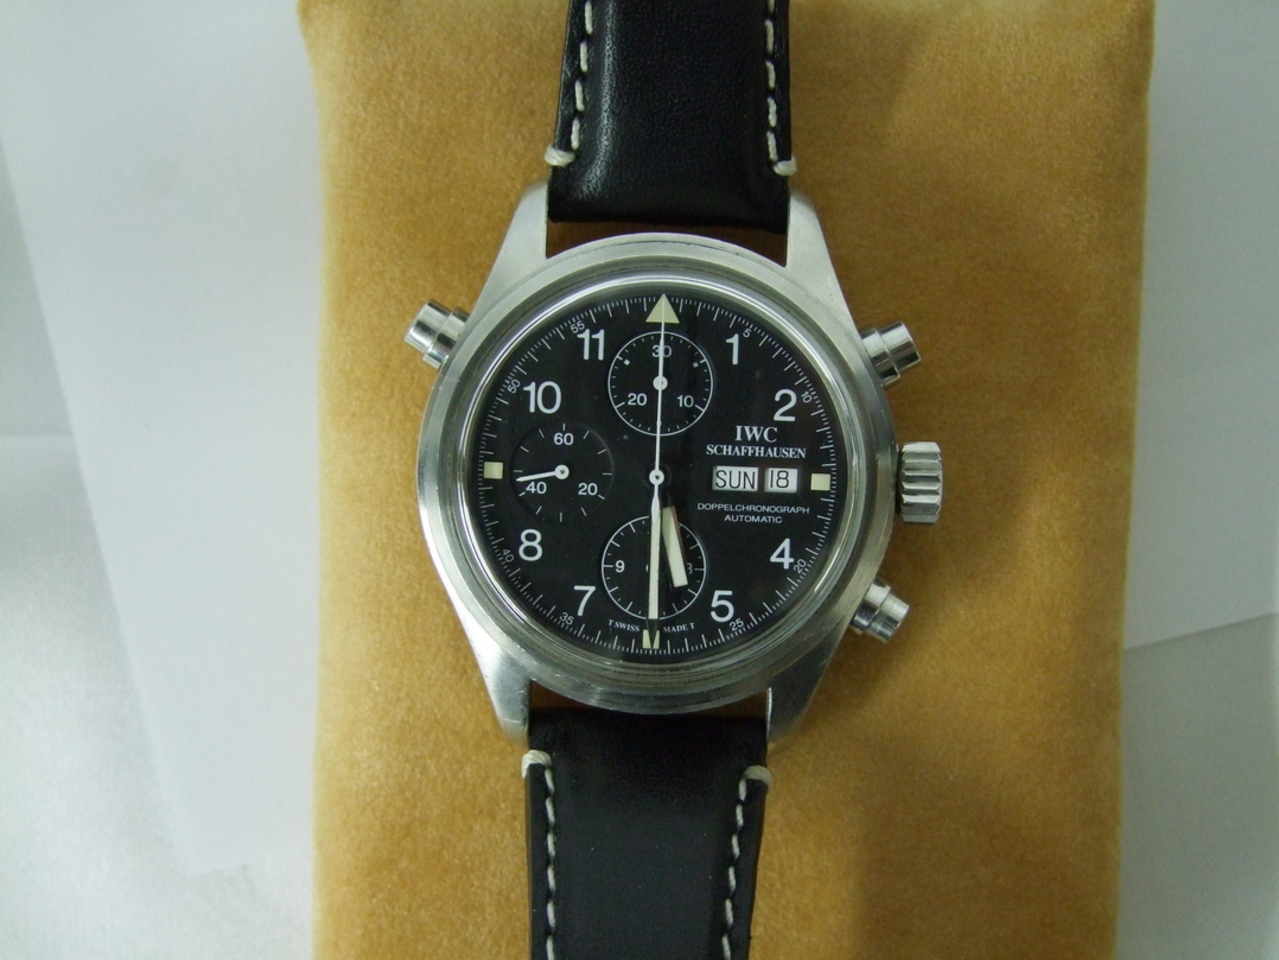 ブランド時計・高級時計・時計高価買取り   松戸   安心と信頼の「おたからや五香店」